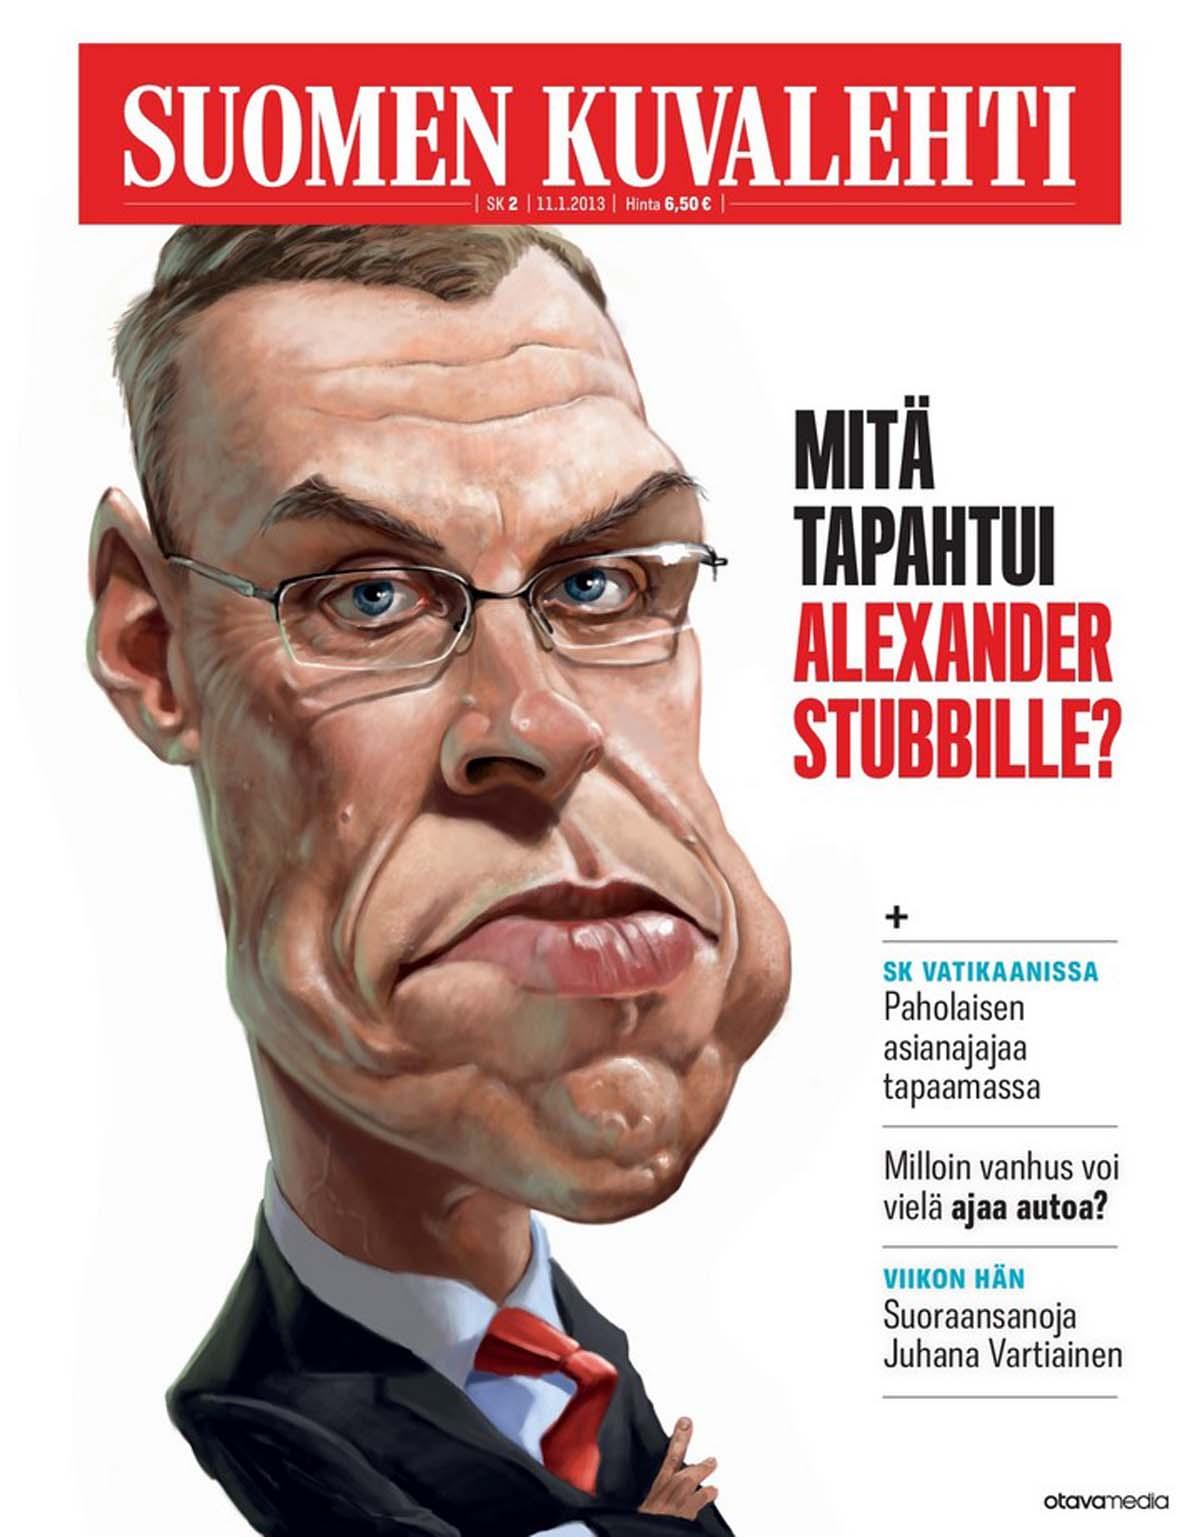 Mika Sälevän karikatyyri Alexander Stubbista. SK 2/2013.